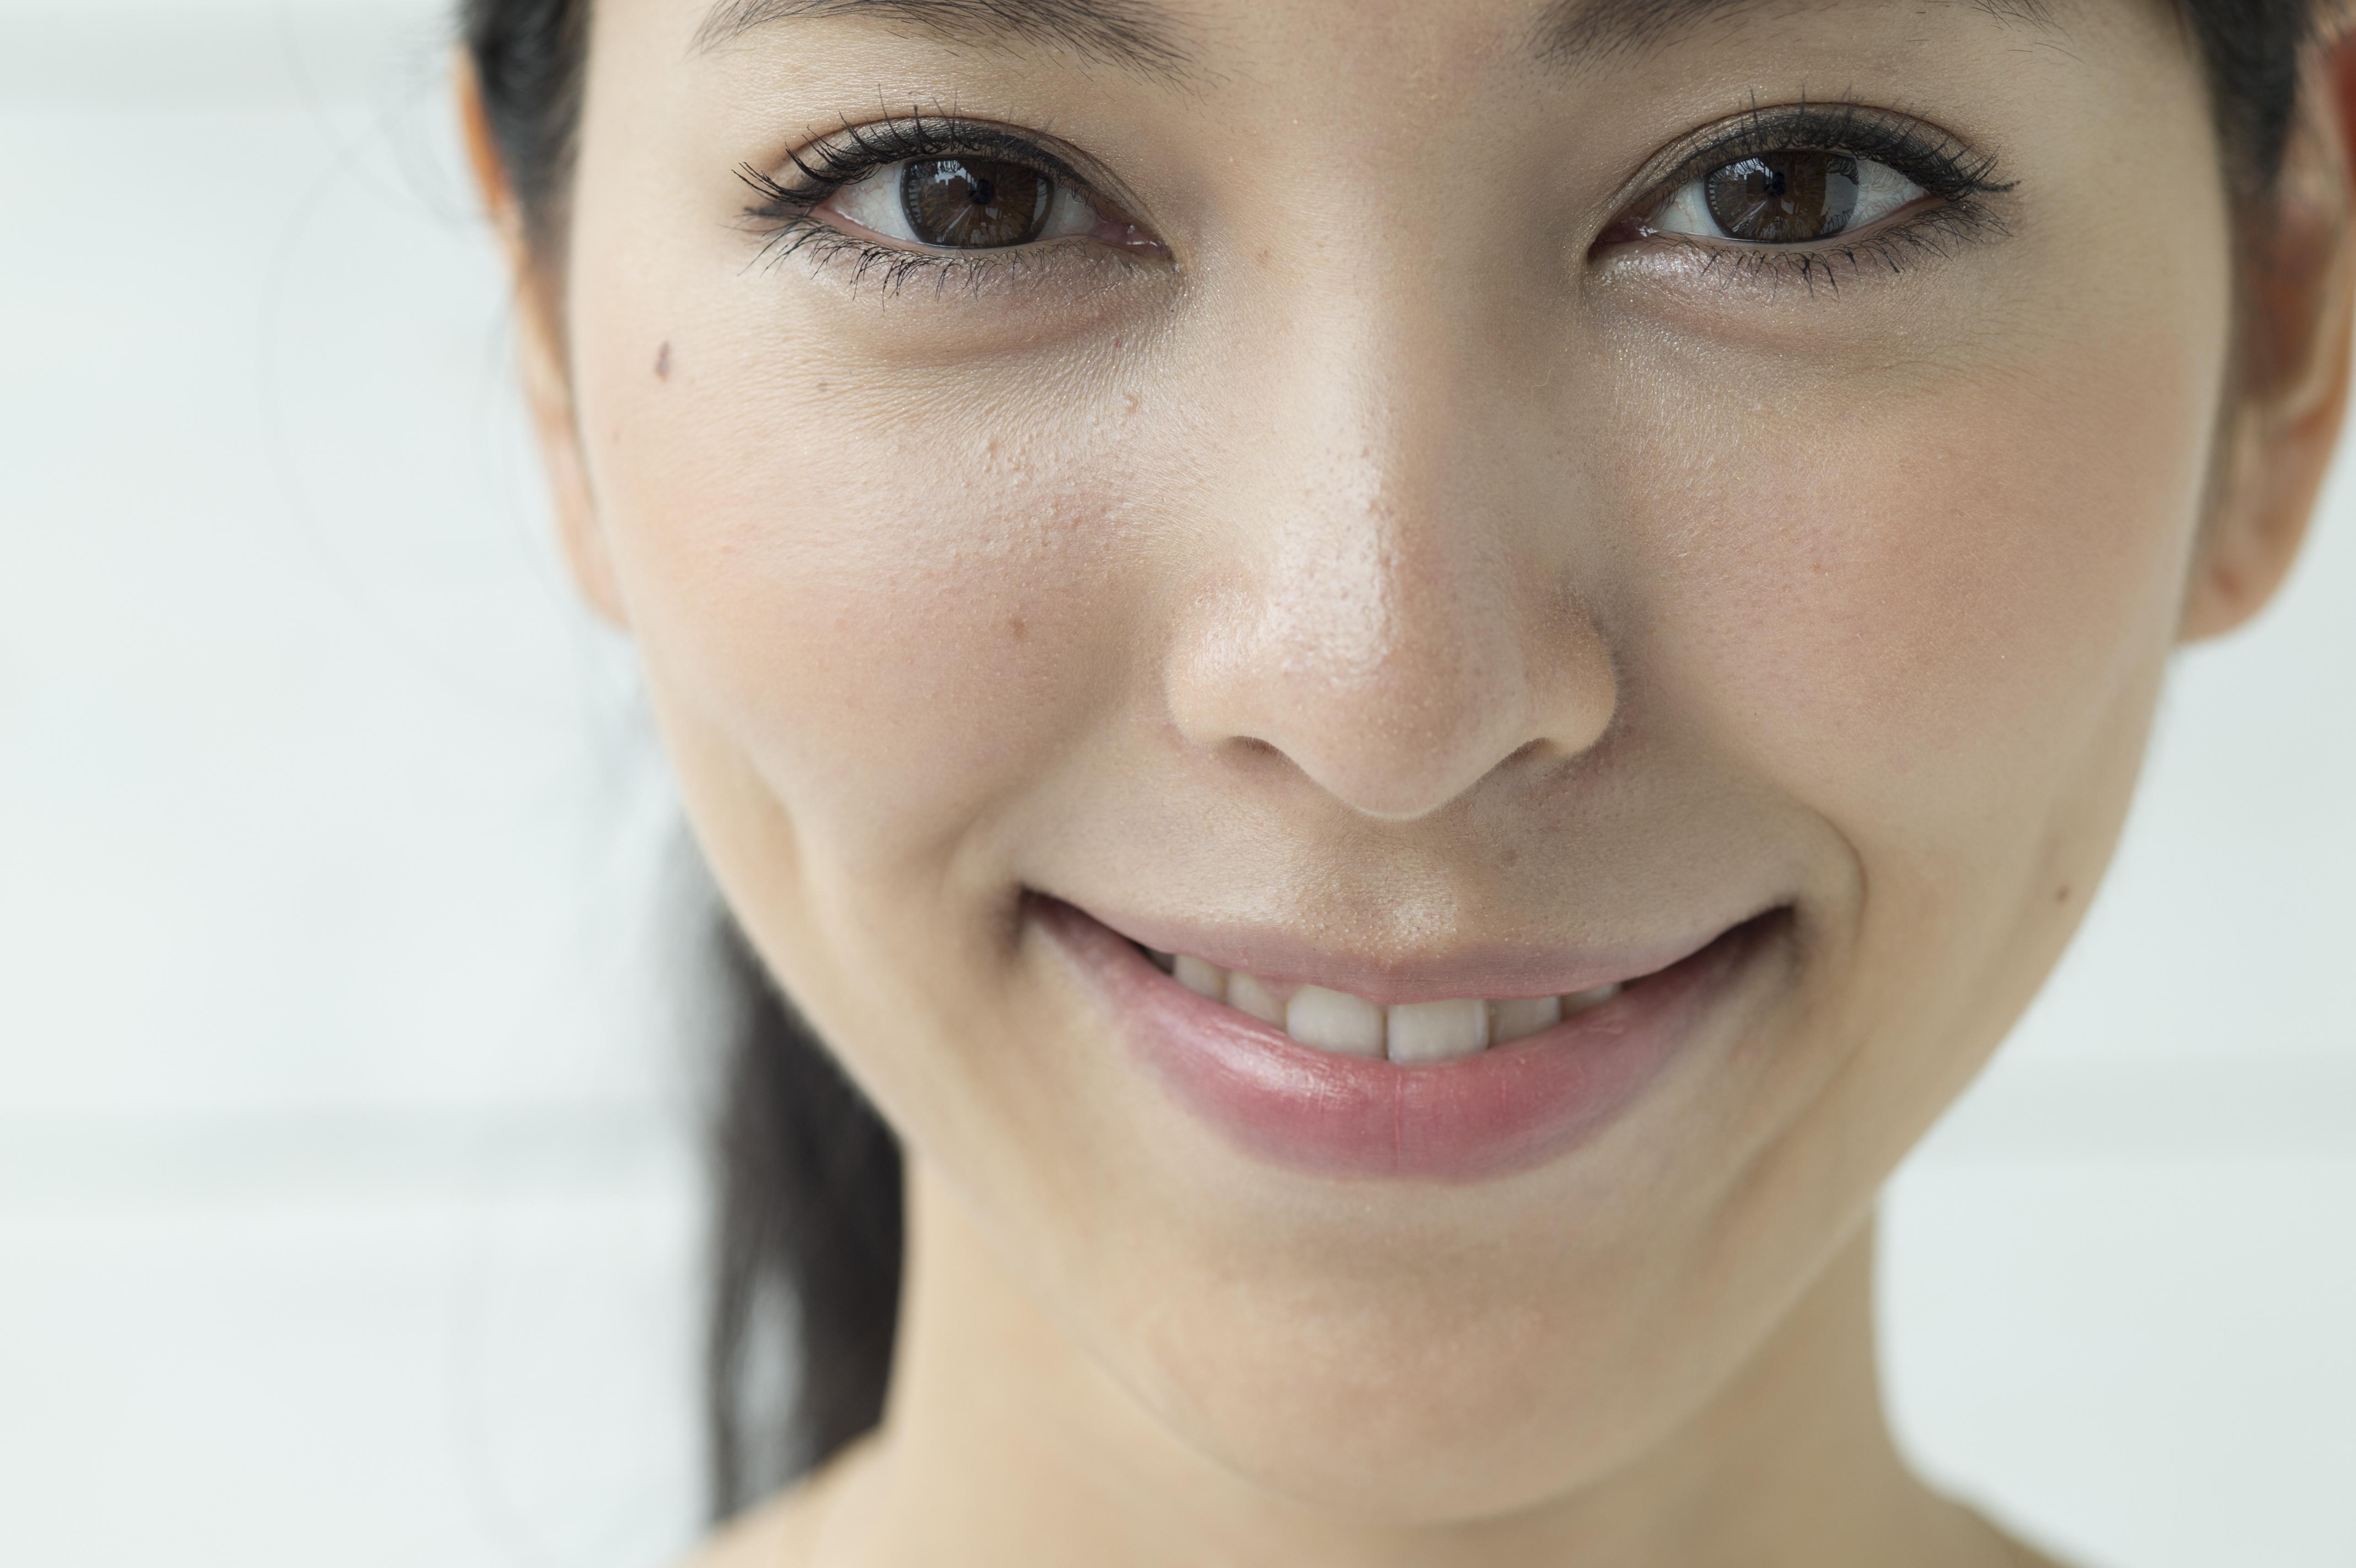 人間の歯で一番尖っている歯『犬歯(八重歯)』を探ろう!